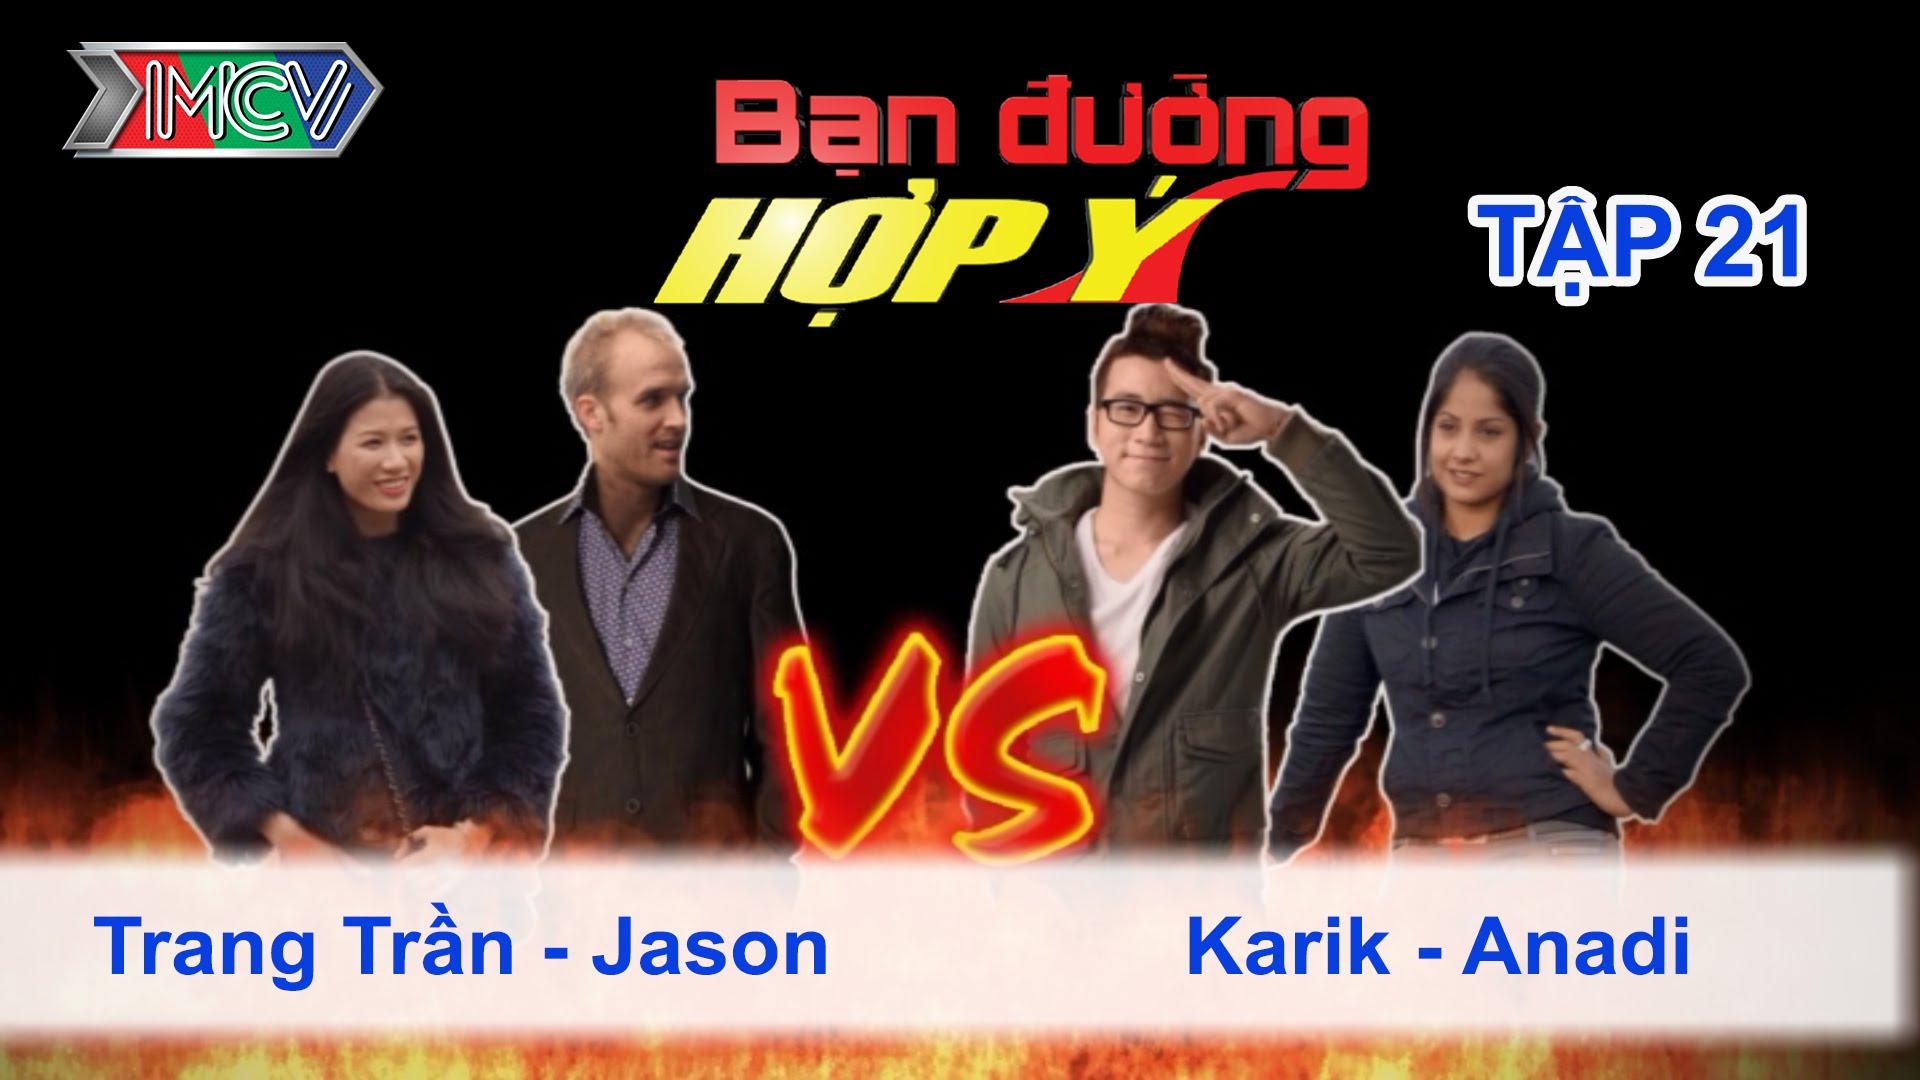 ban-duong-hop-y-maiwen-karik-doi-dau-mainon-thanh-thuc-phan-1